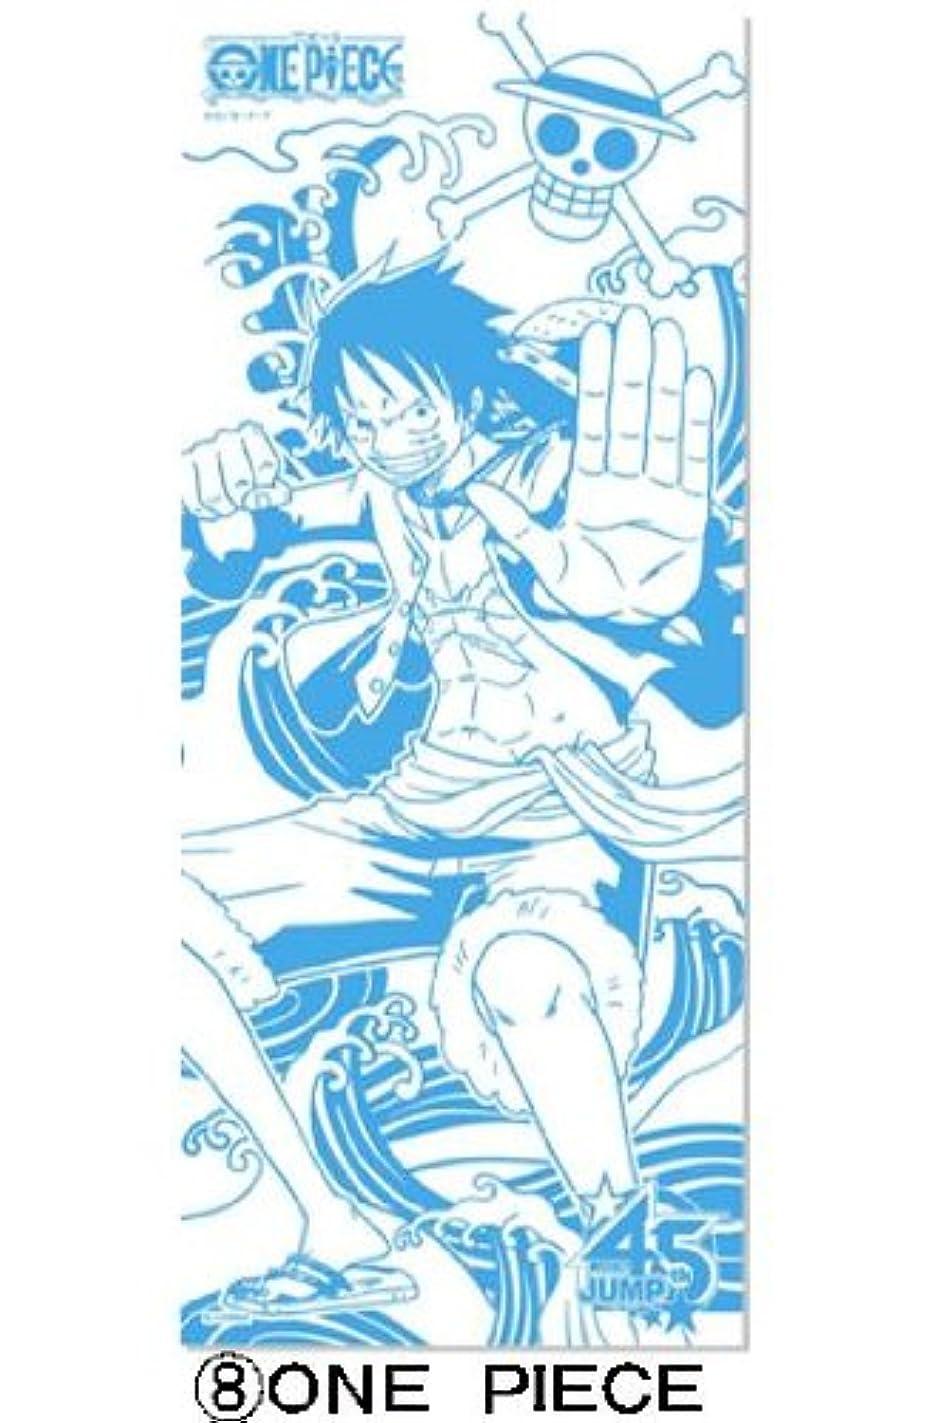 抜け目のない邪悪な同志週刊少年ジャンプ45周年記念J-STARS ミニ手ぬぐい付き入浴剤(ワンピース)